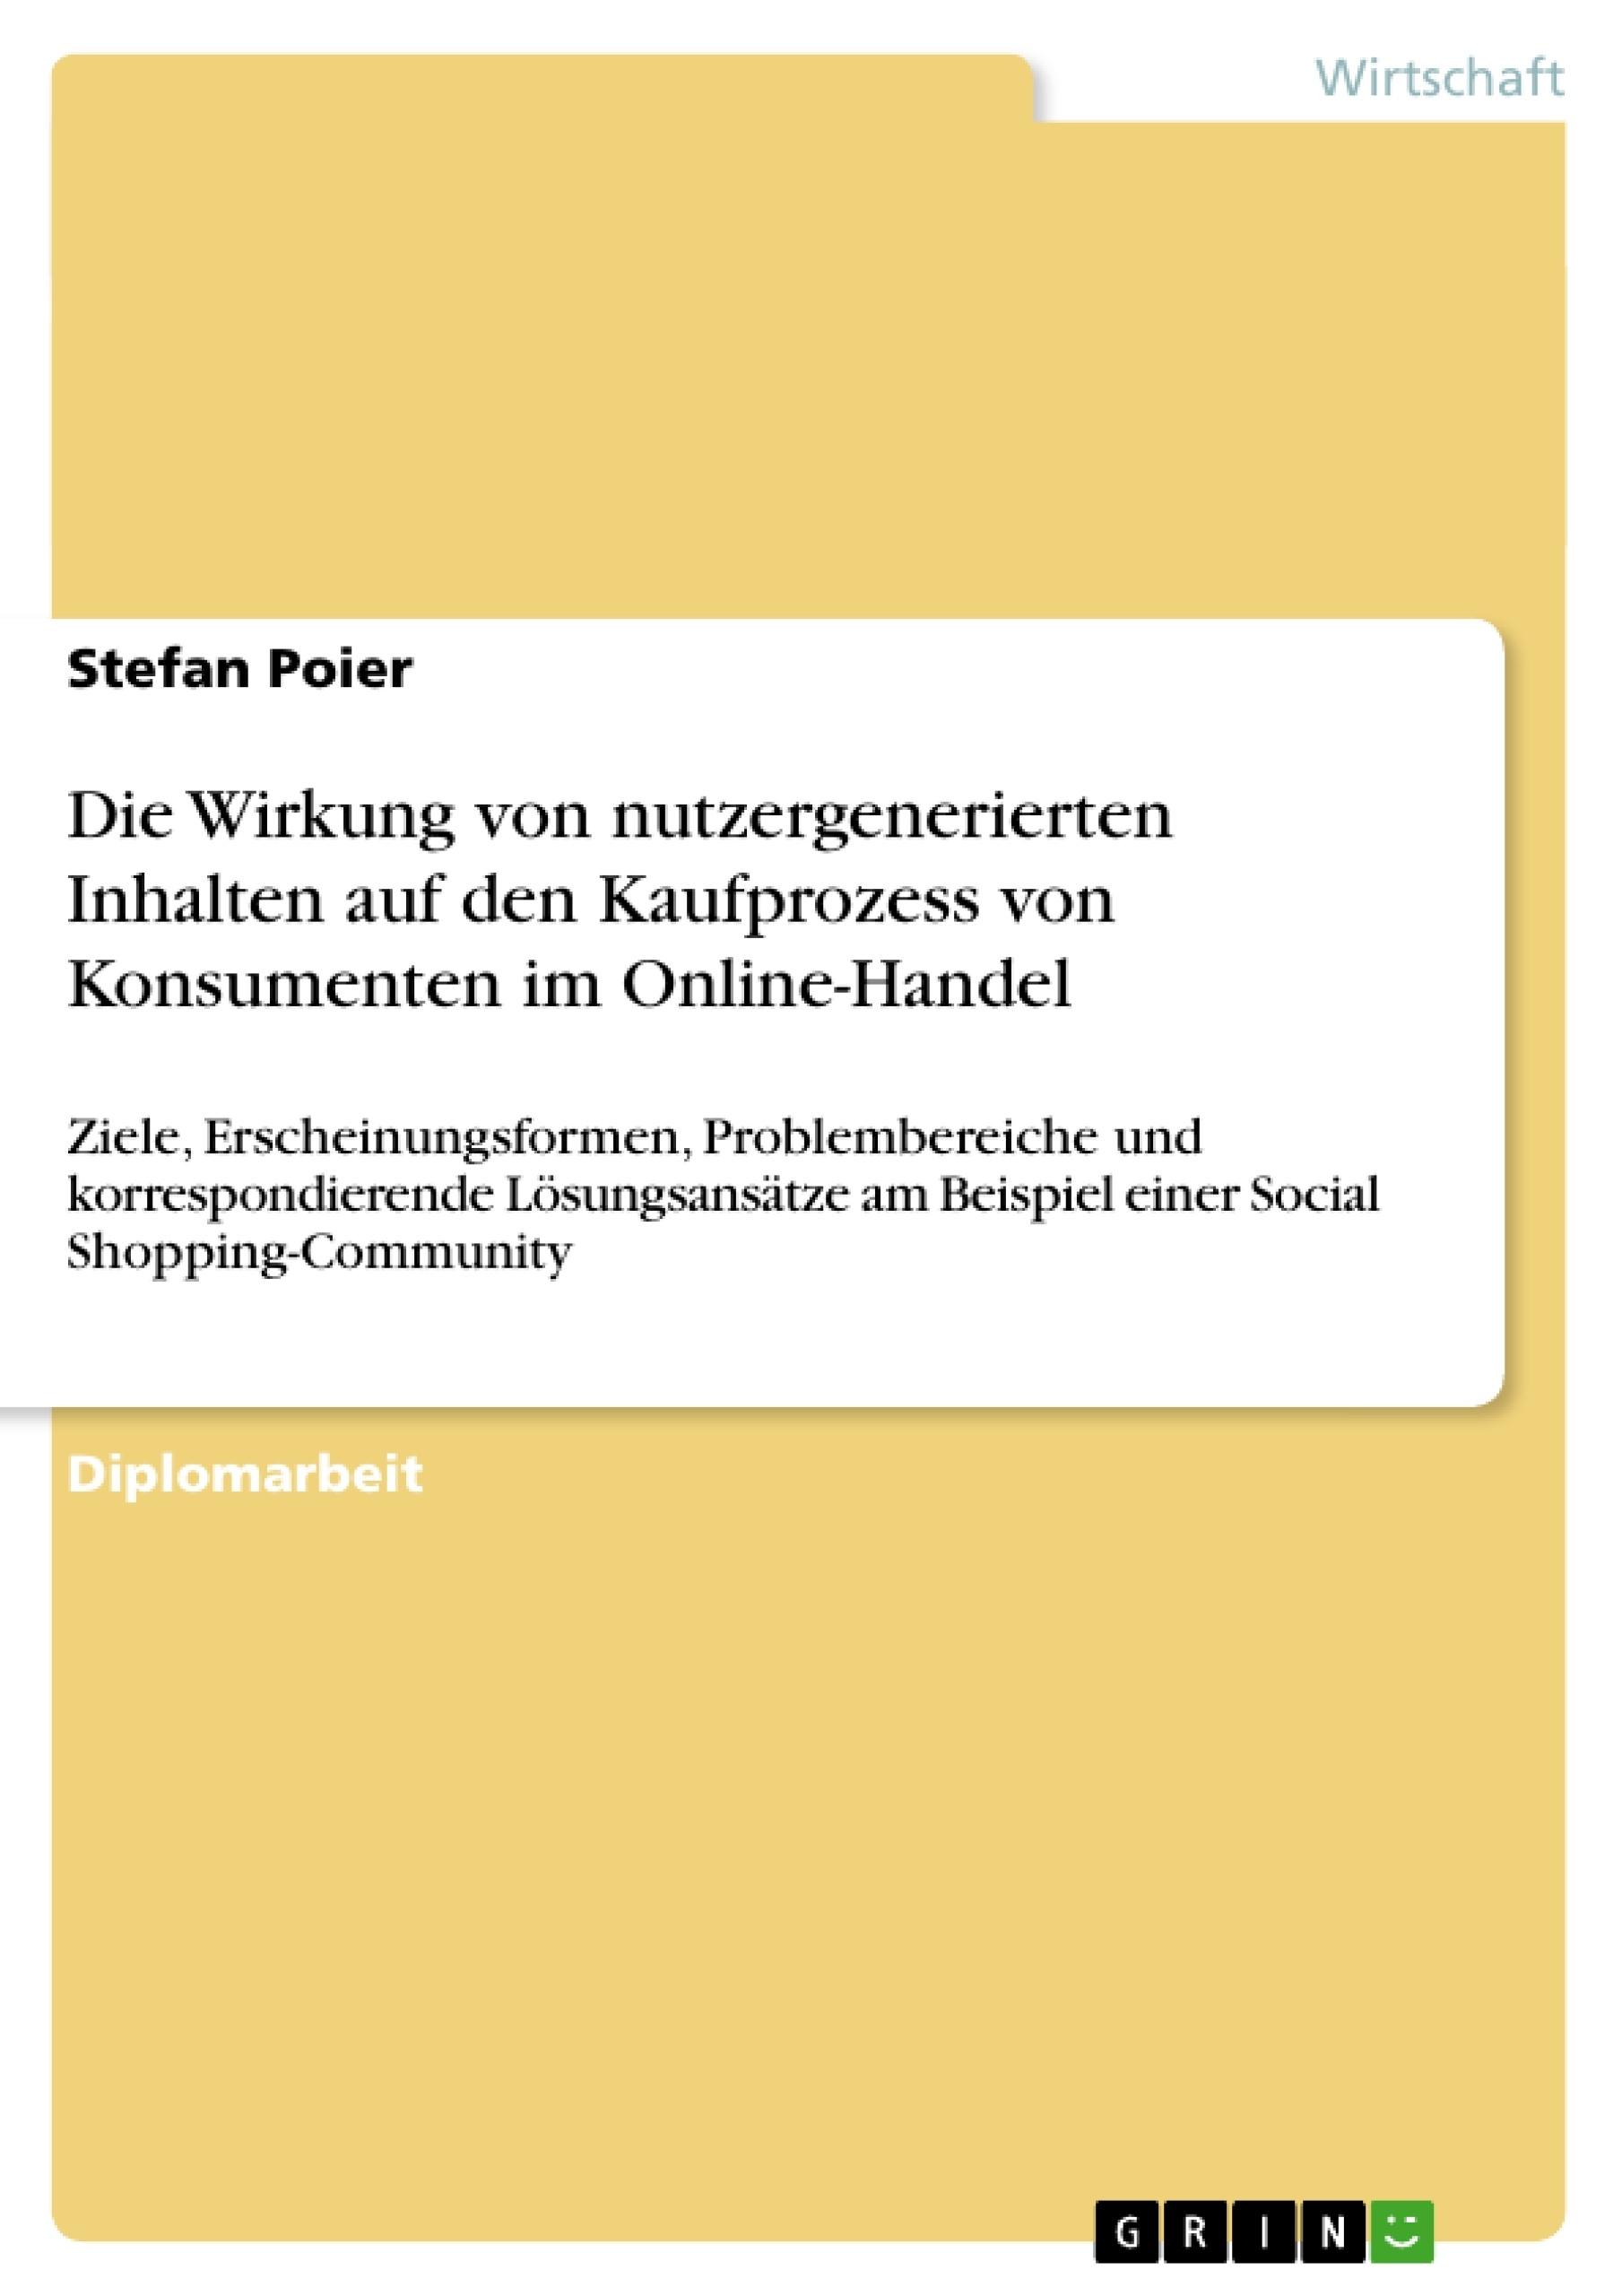 Titel: Die Wirkung von nutzergenerierten Inhalten auf den Kaufprozess von Konsumenten im Online-Handel